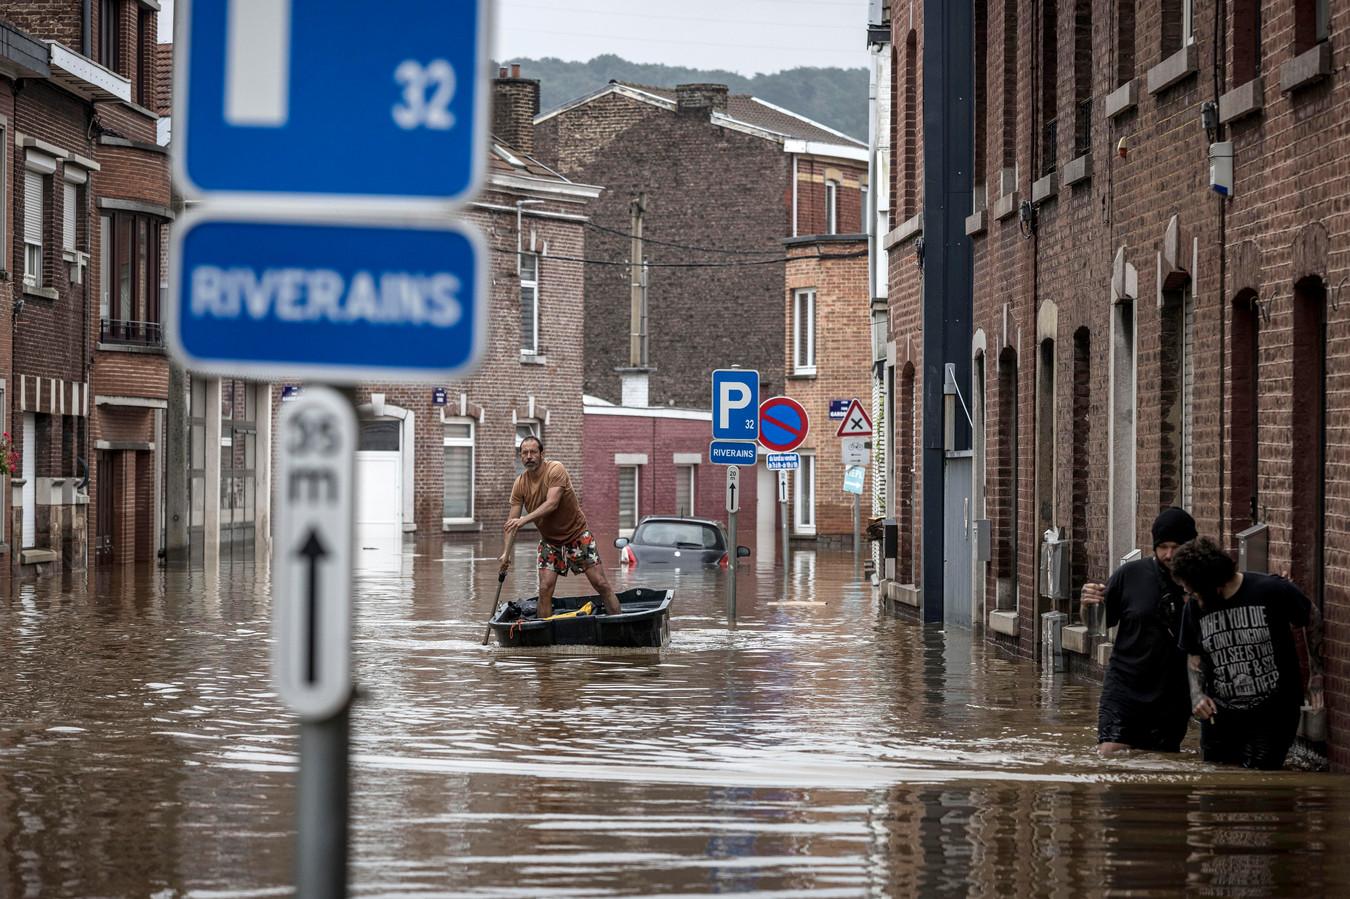 Sur cette photo d'archive du 16 juillet 2021, un homme fait avancer un bateau dans une rue résidentielle après une inondation à Angleur, dans la province de Liège, en Belgique.